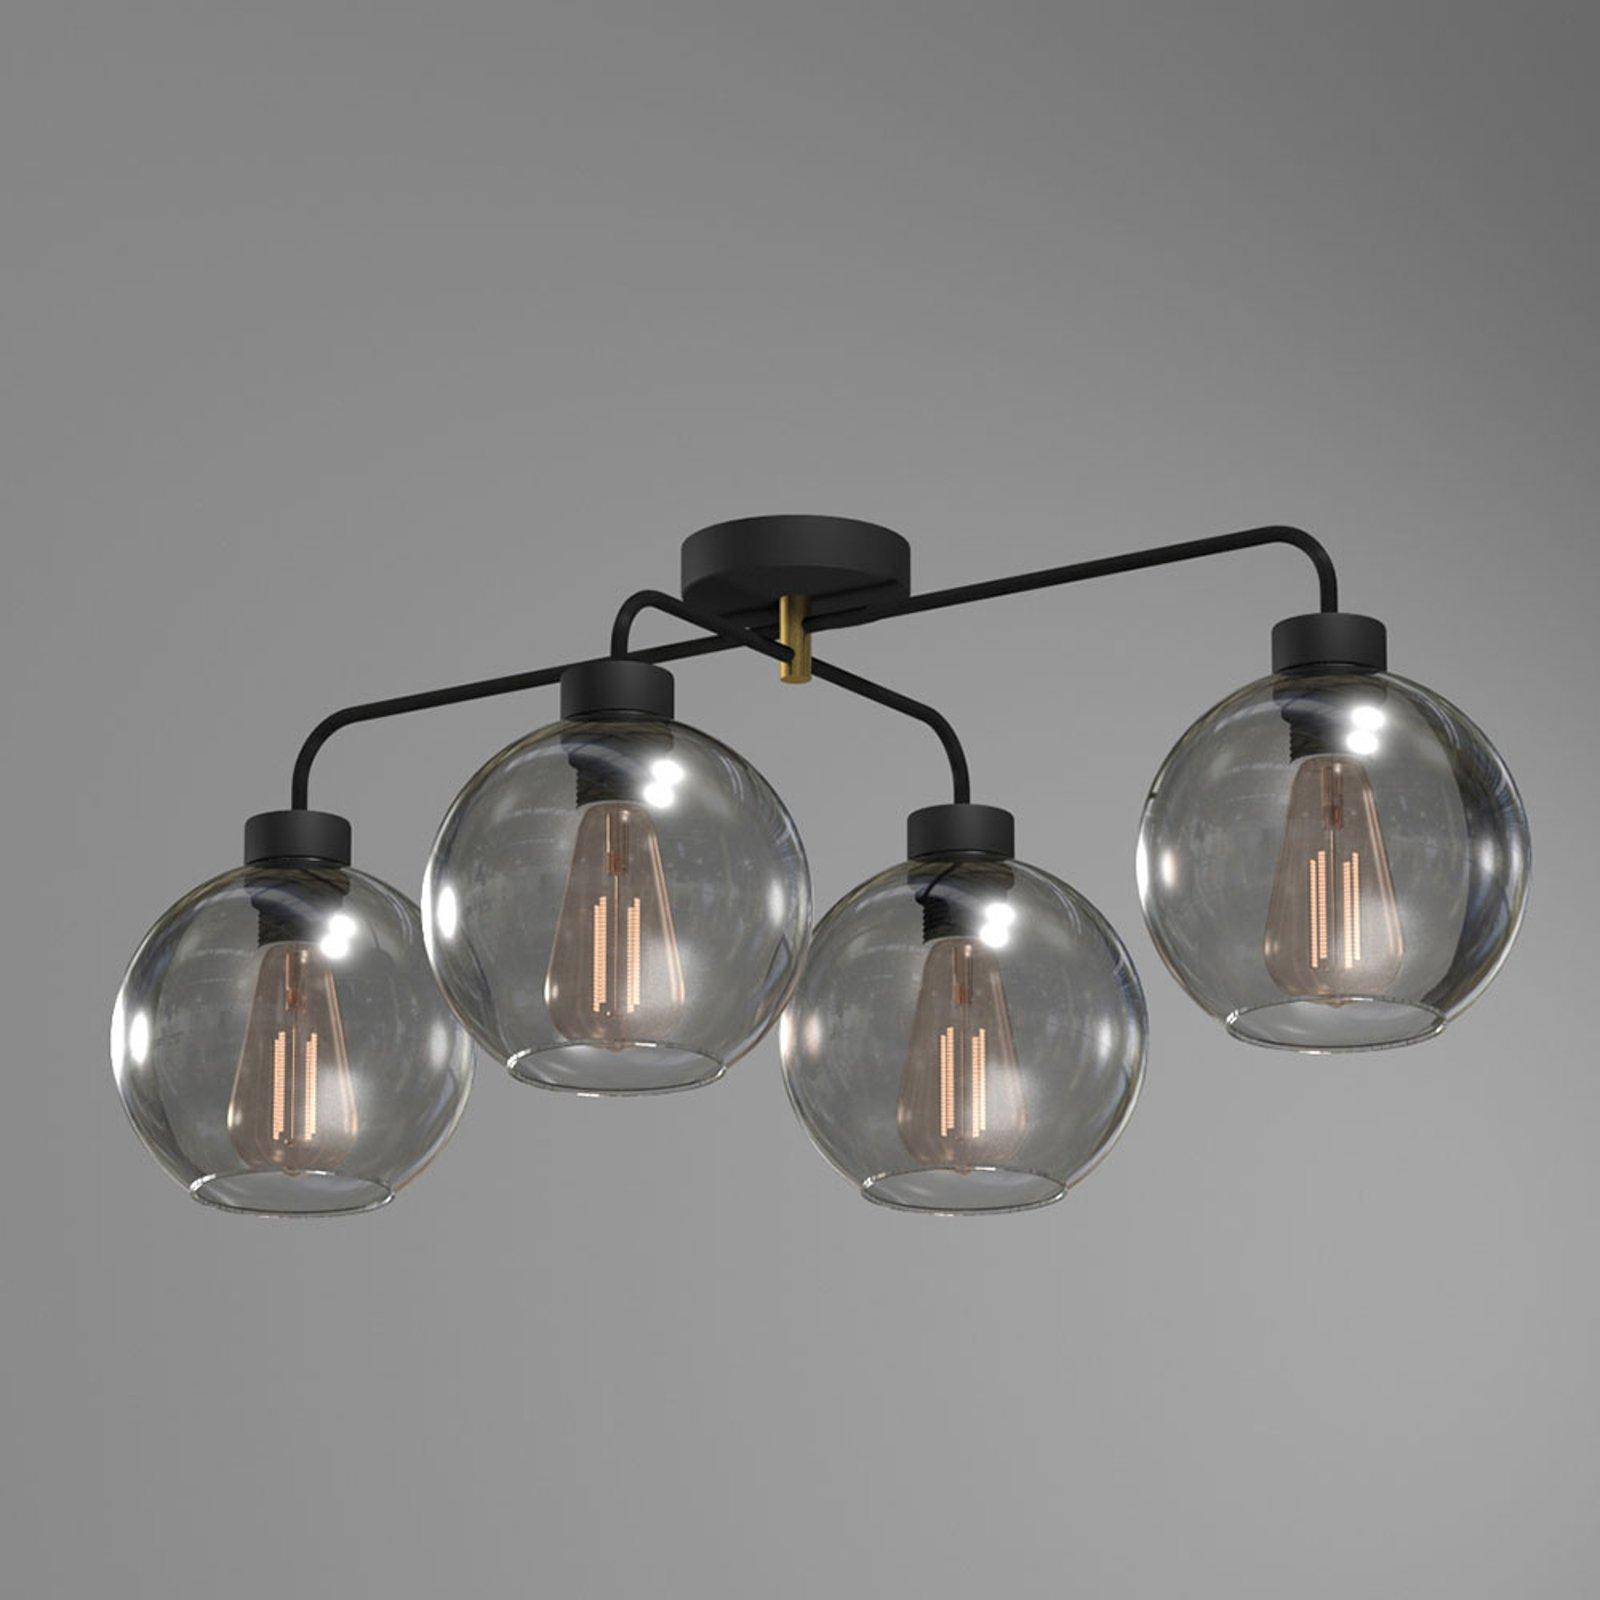 Taklampe Bari av glass, fire lyskilder